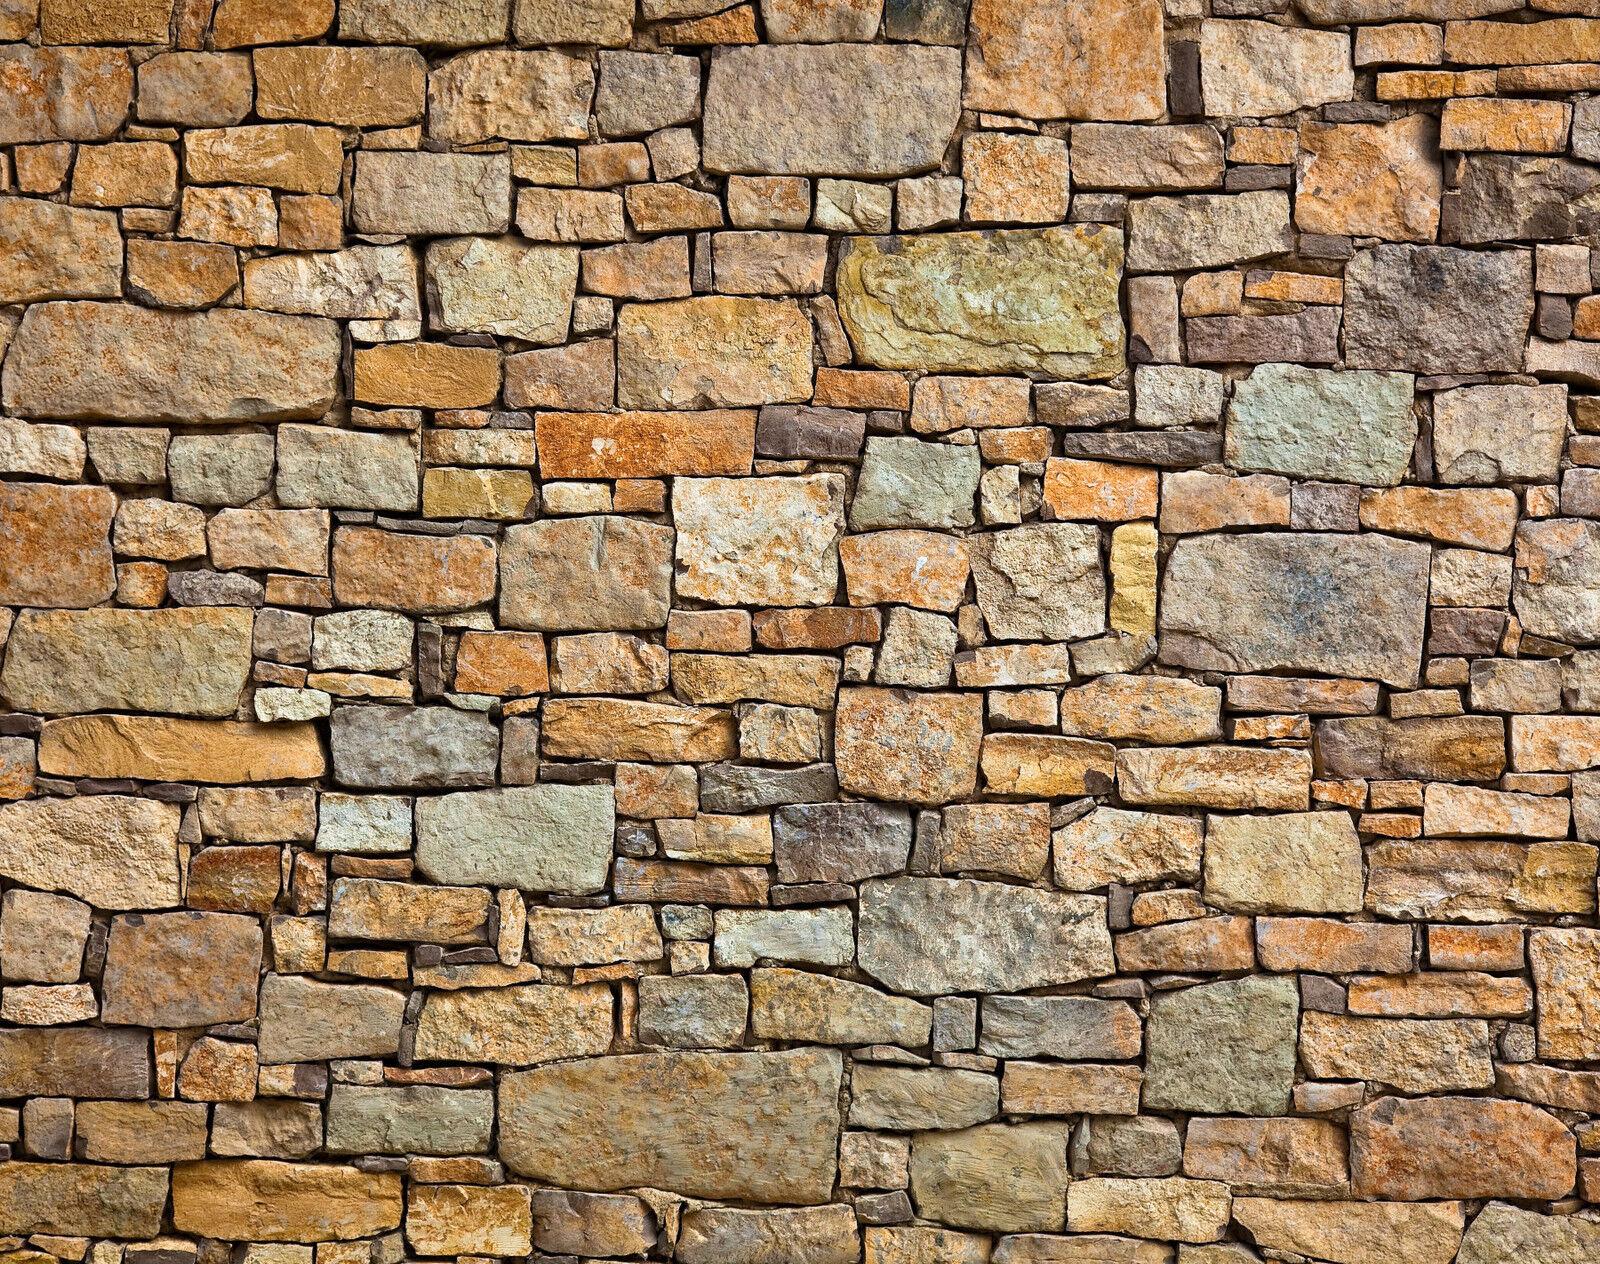 NON WOVEN Photo Wallpaper (15V)-STONE WALL-350cmx260cm 7strips-Mural